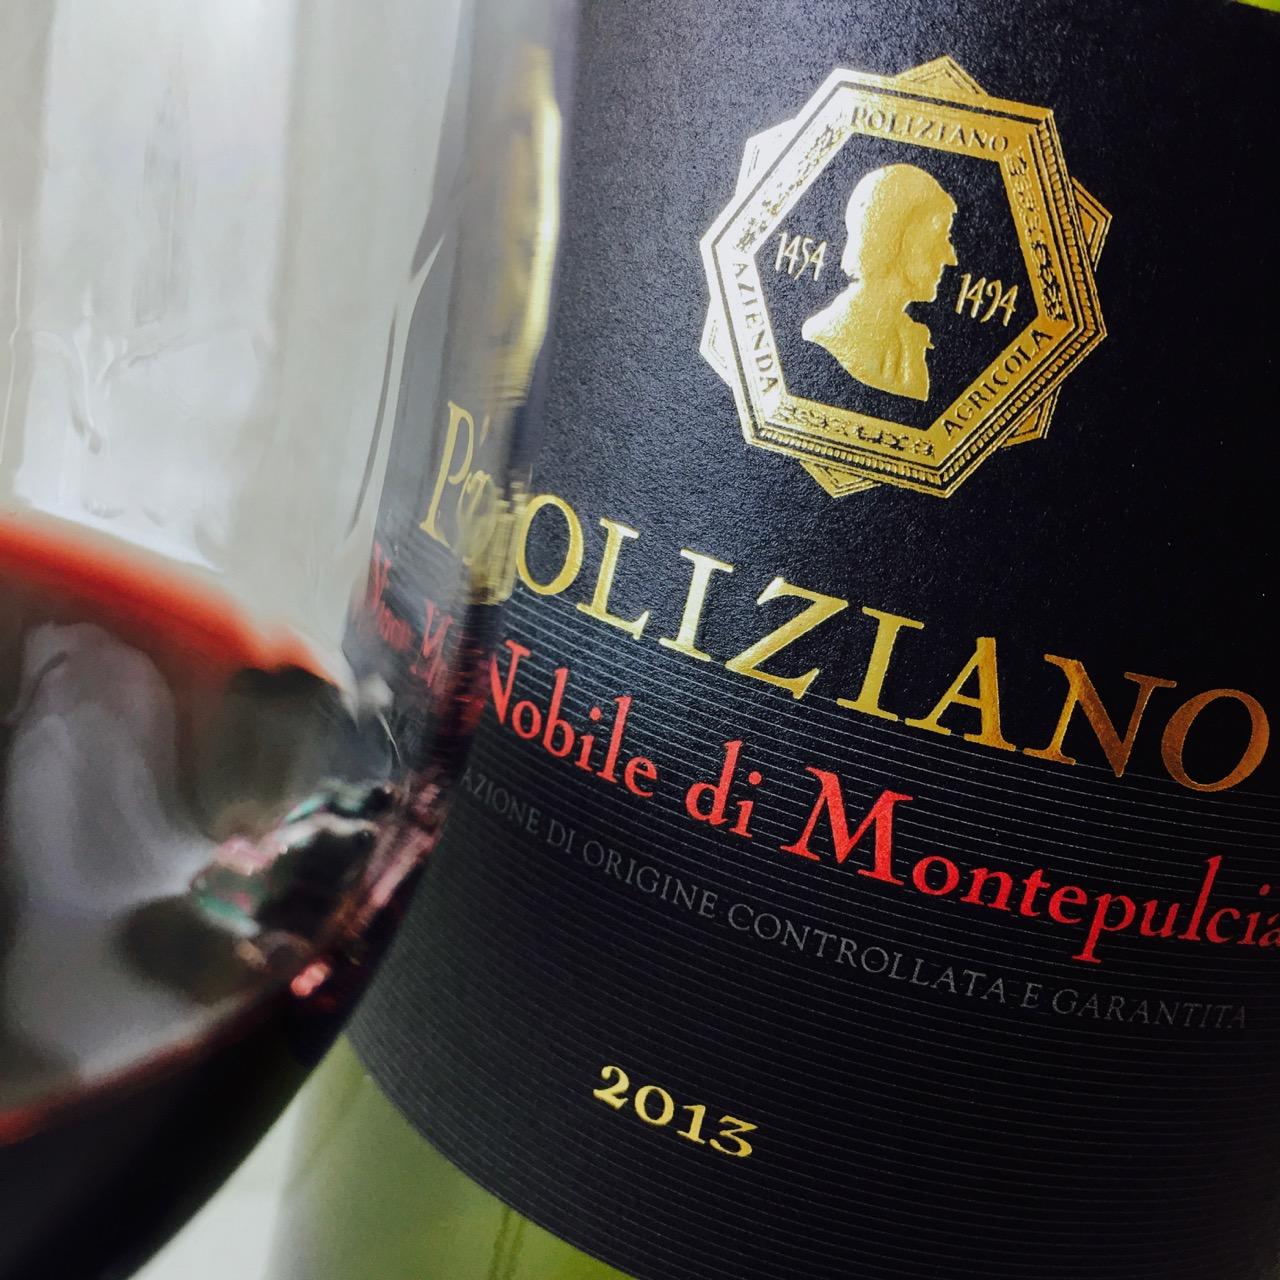 2013 Poliziano Vino Nobile di Montepulciano DOCG